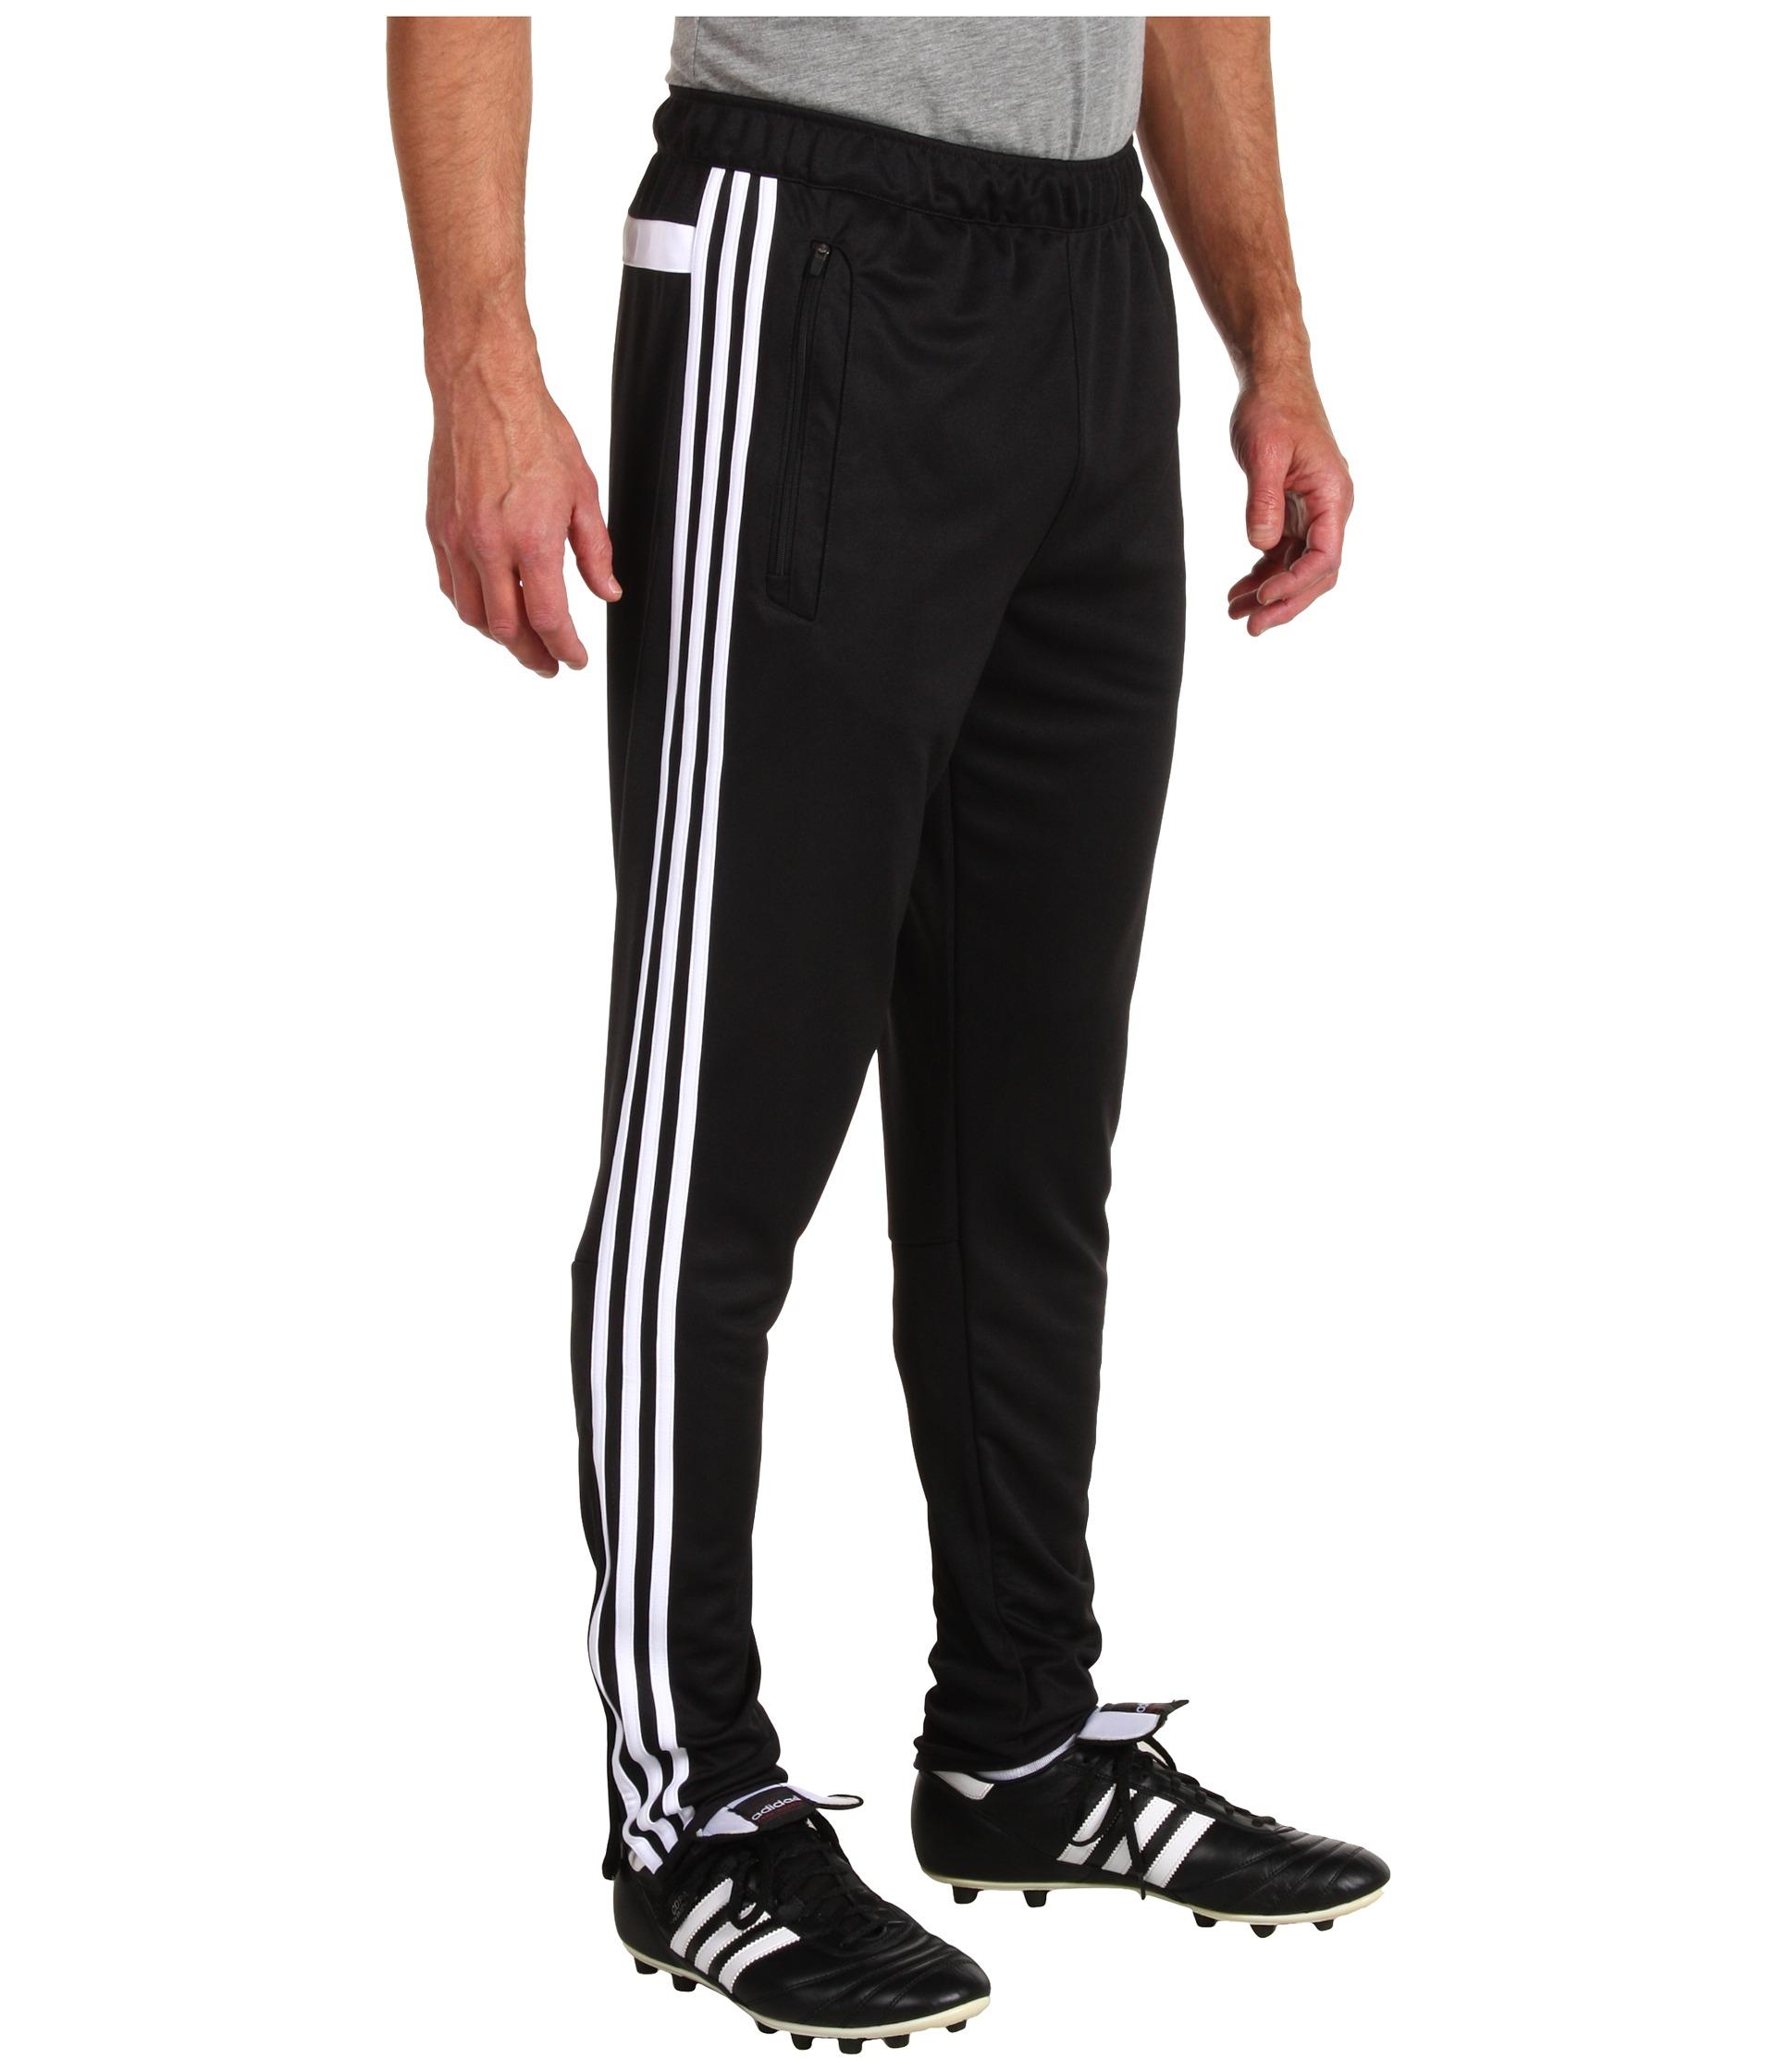 Спортивные брюки адидас мужские доставка